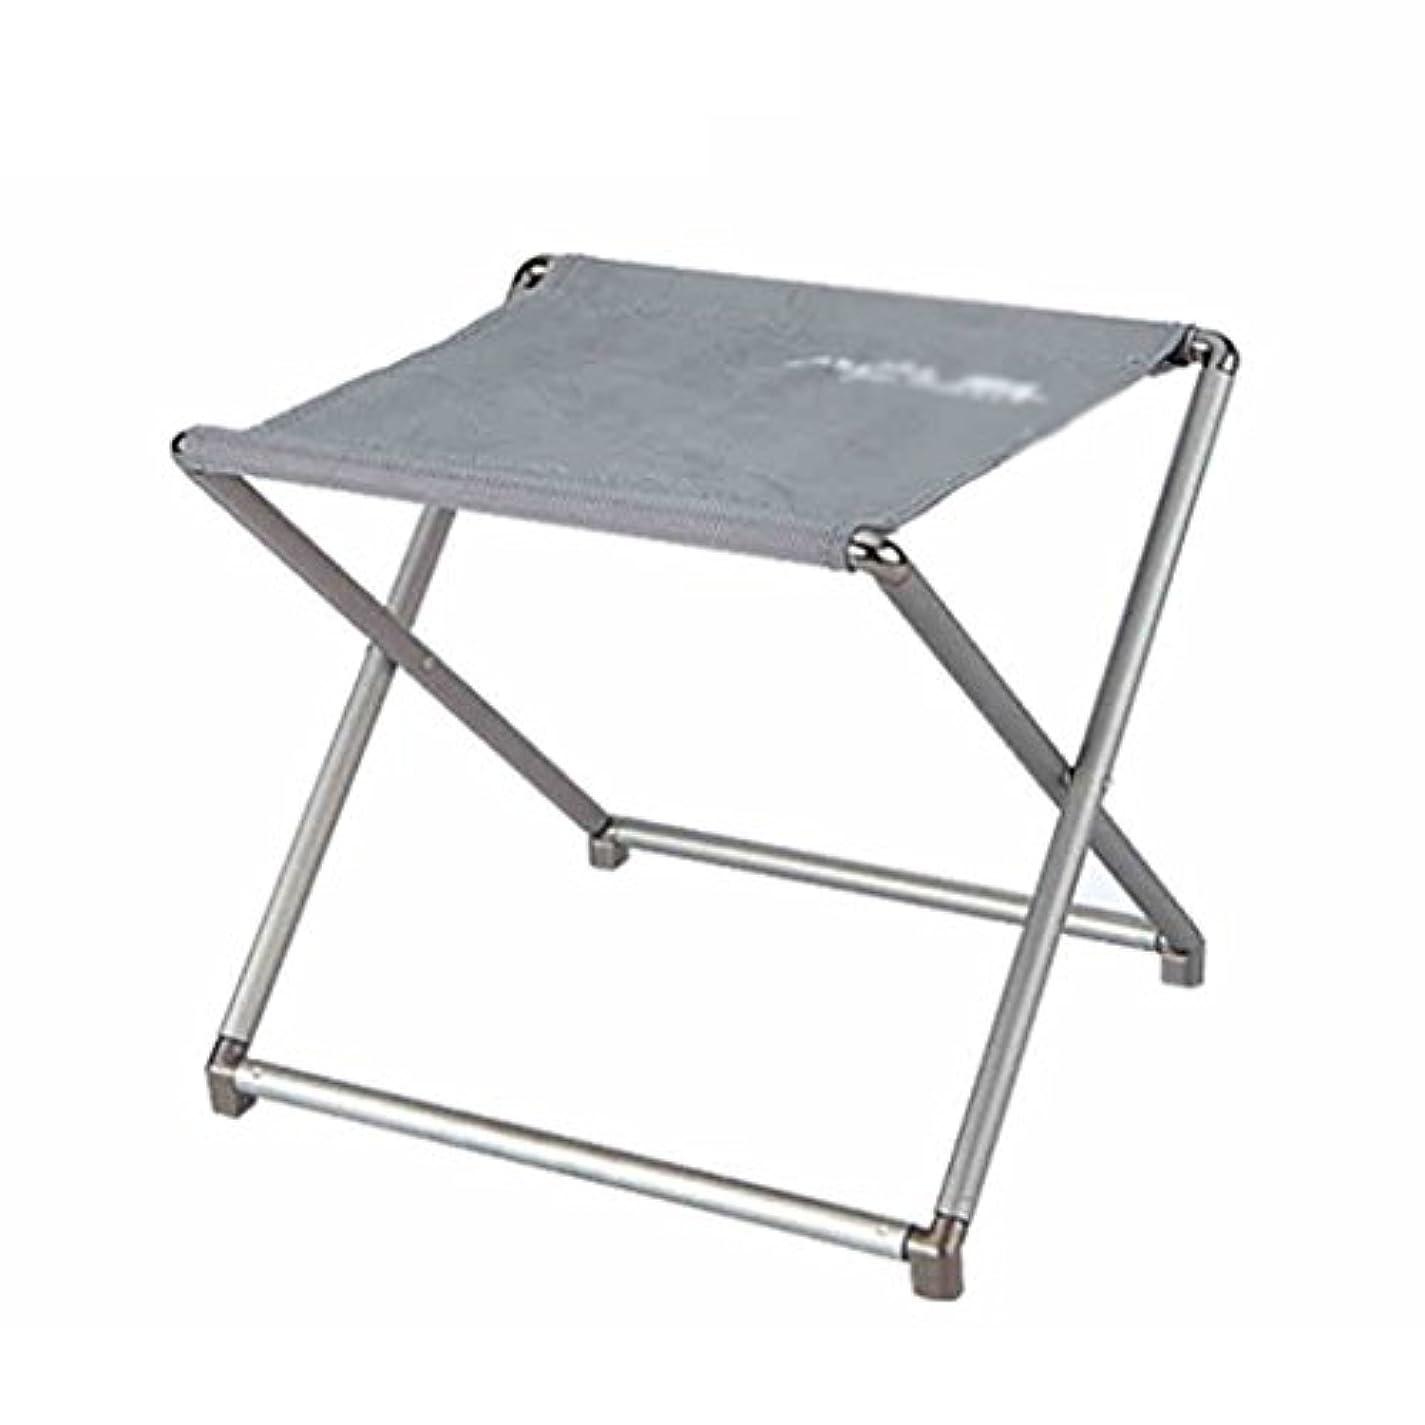 ジェーンオースティン一掃する冷ややかなチェア?テーブルアクセサリ 屋外折り畳み椅子のスツール釣りの椅子釣りのスツールアルミ合金ポータブル超軽量ポータブル重荷重軸受小型サイズ (Color : Gray, Size : 26*22.5*23cm/10*8.9*9inch)